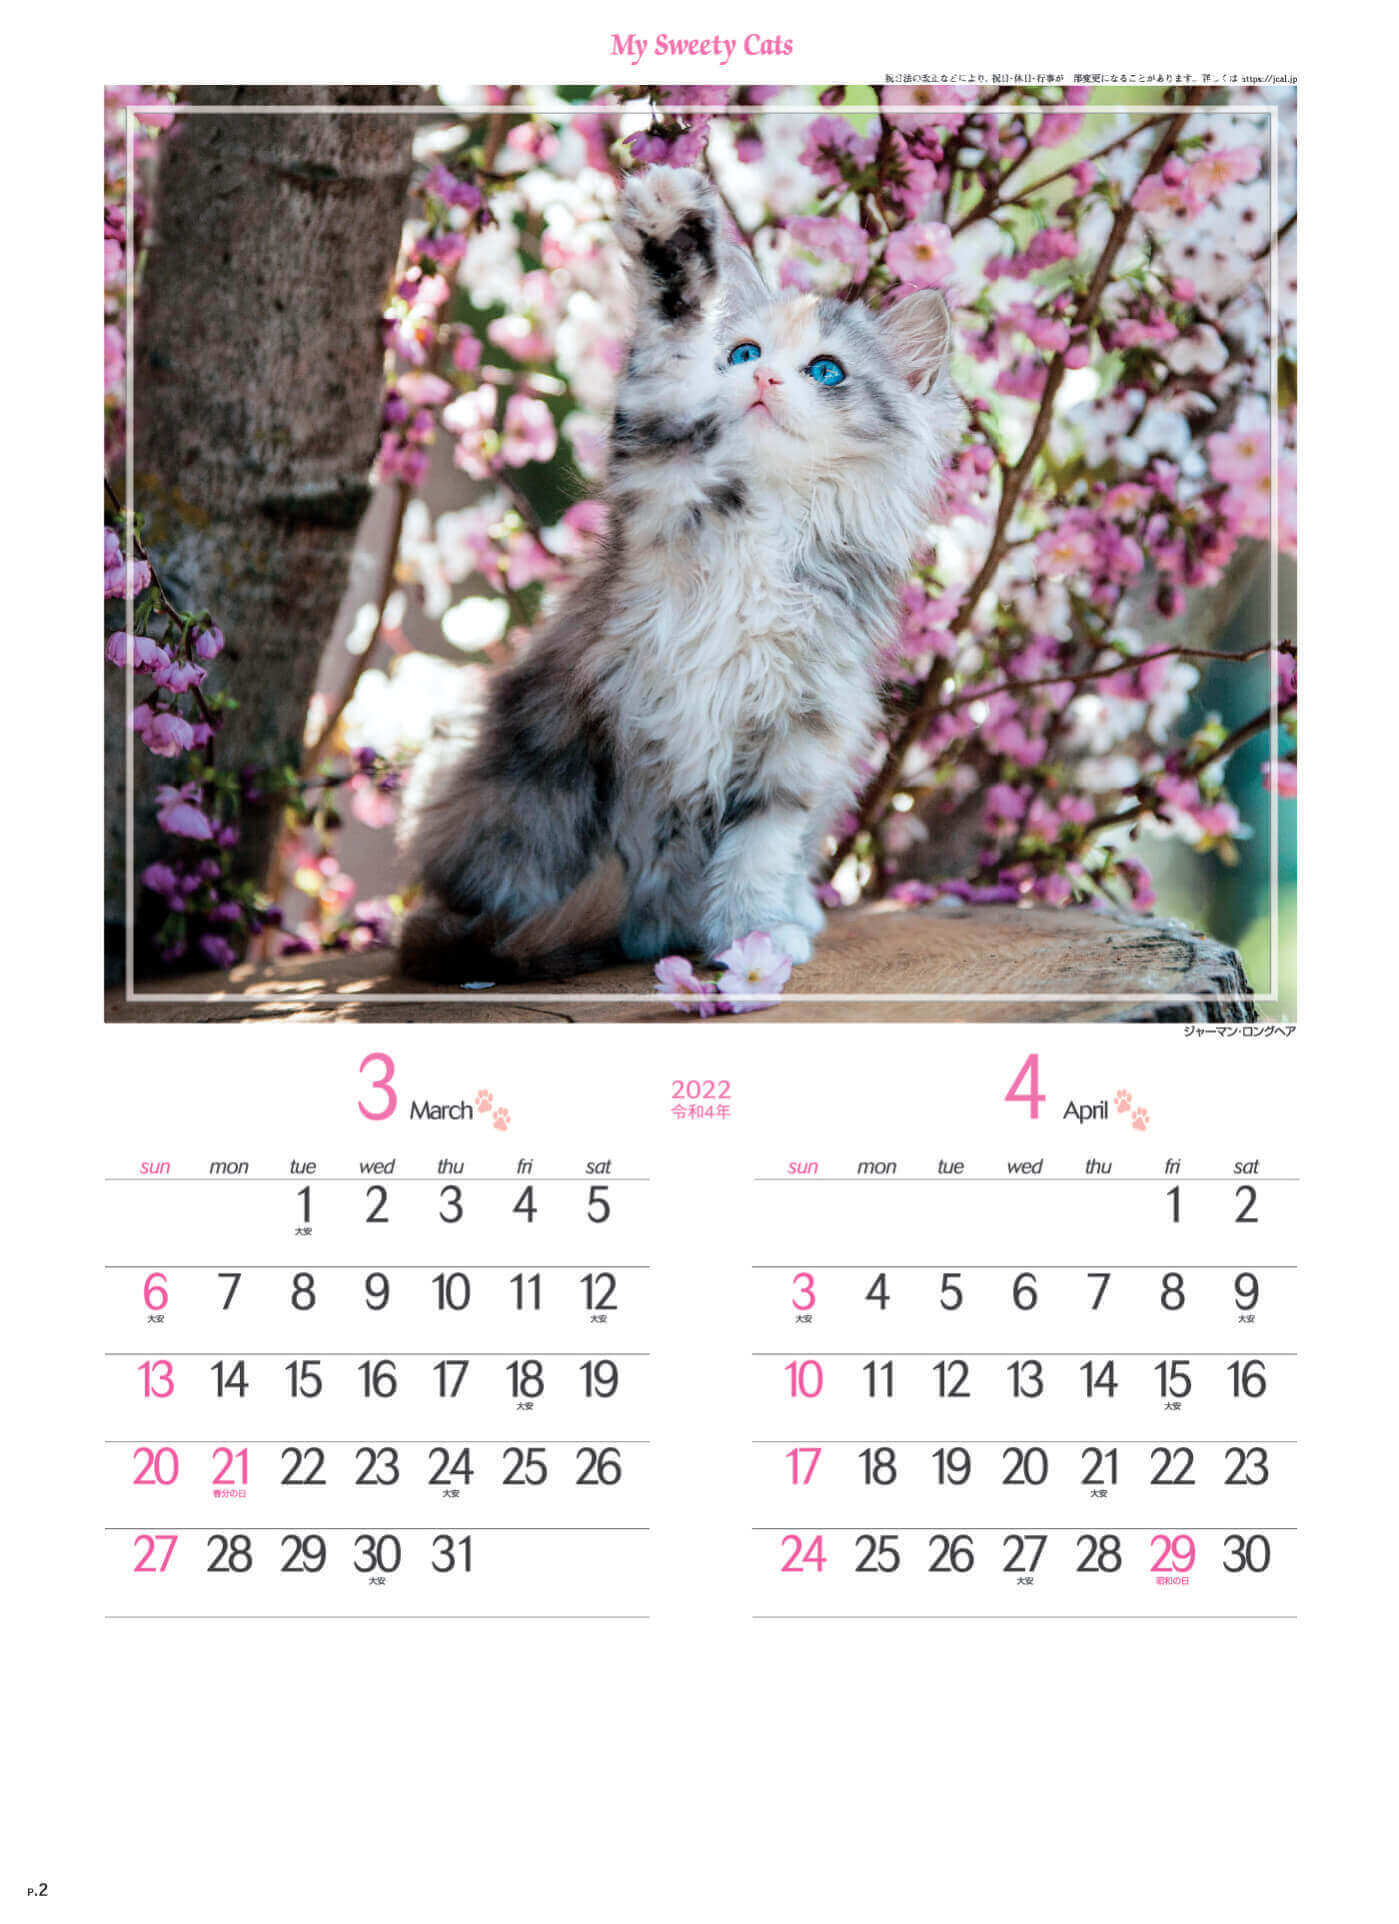 3-4月 ジャーマン・ロングヘア マイスウィーティーキャット 2022年カレンダーの画像